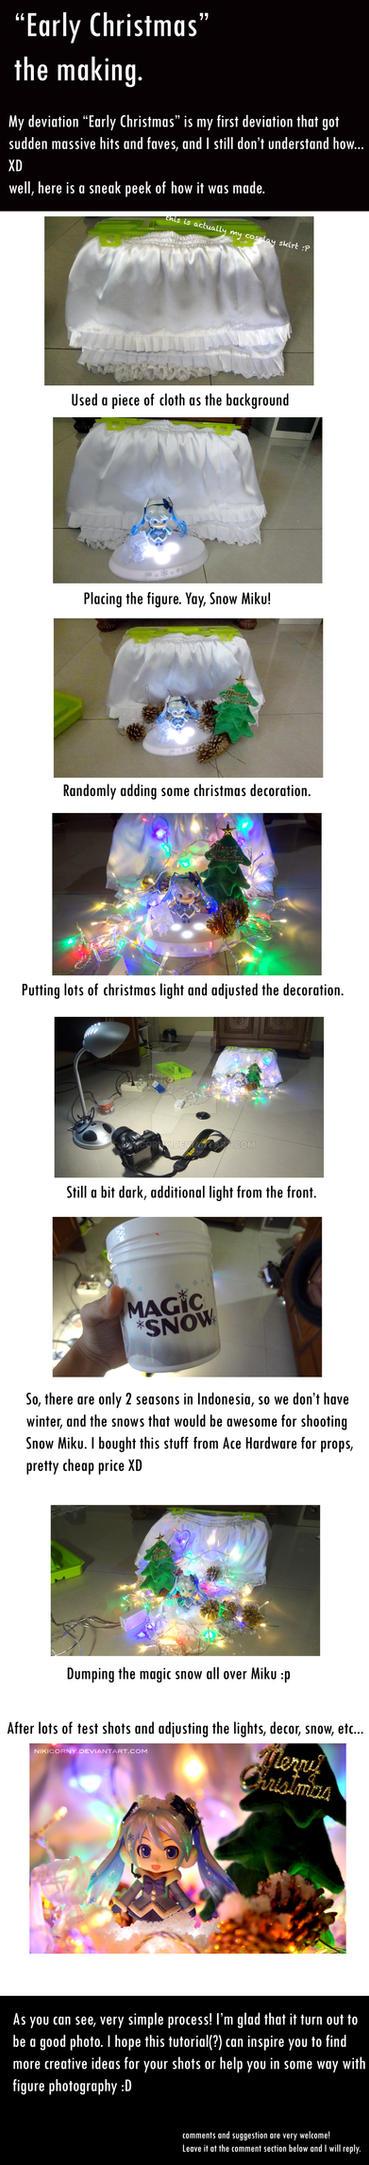 Early Christmas set up by nikicorny